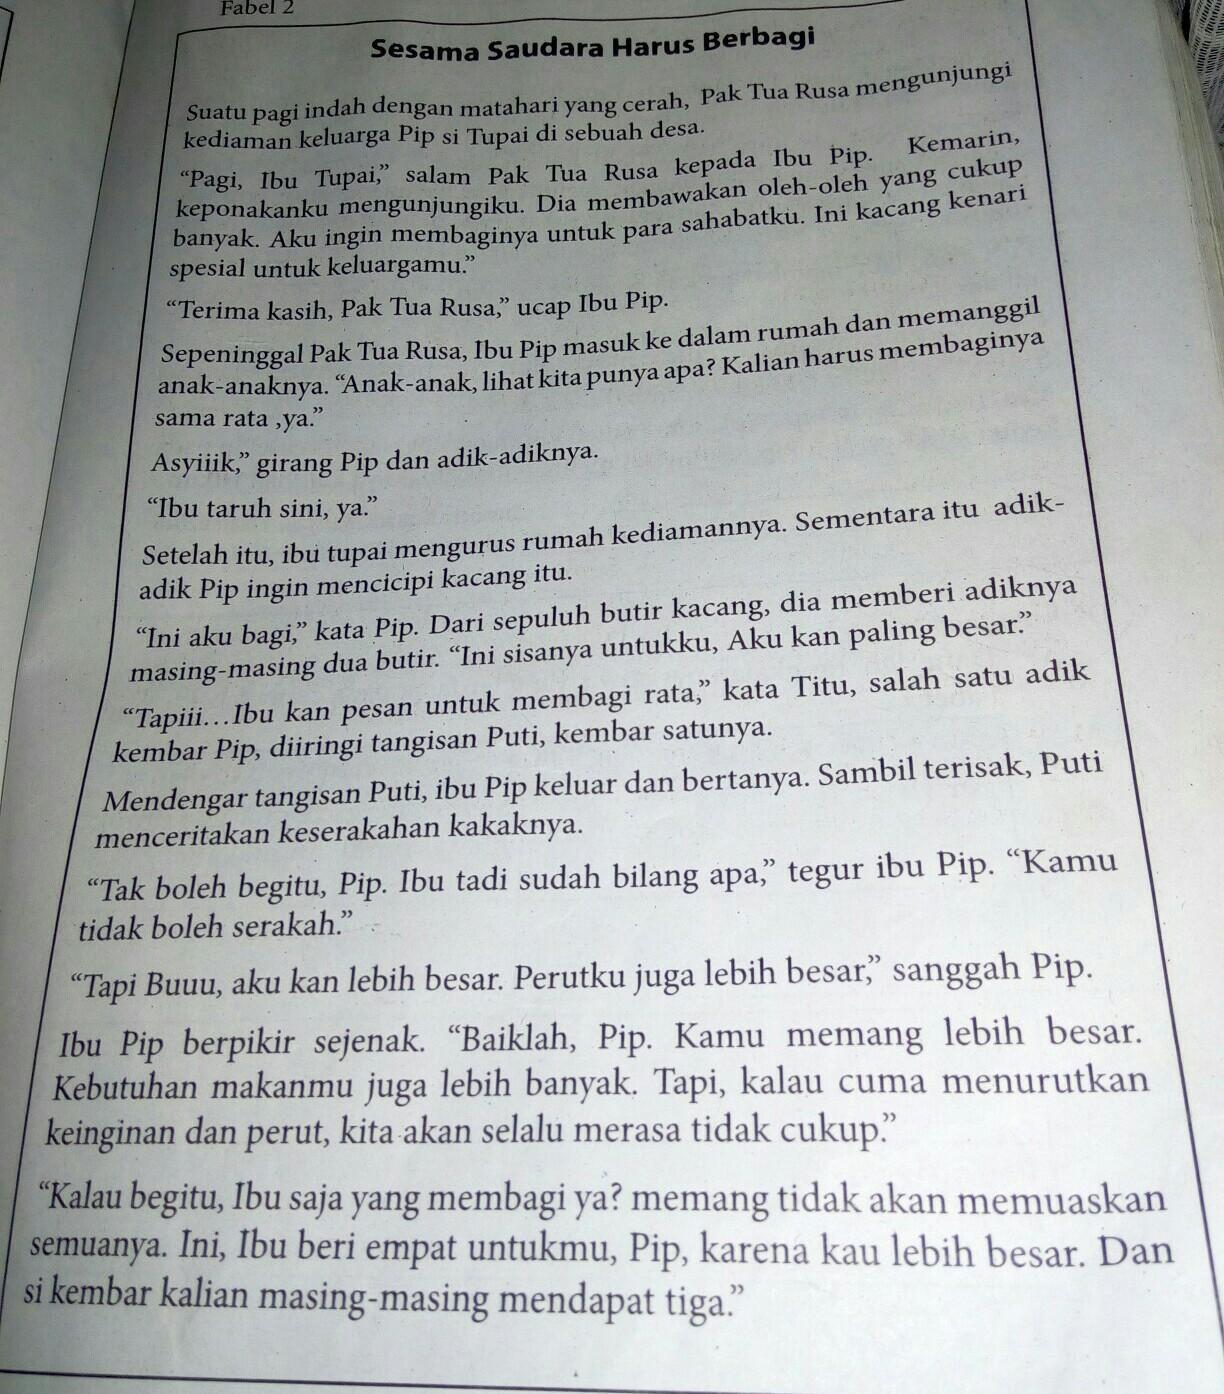 Tugas Bahasa Indonesia Kelas 11 Halaman 195 Guru Galeri